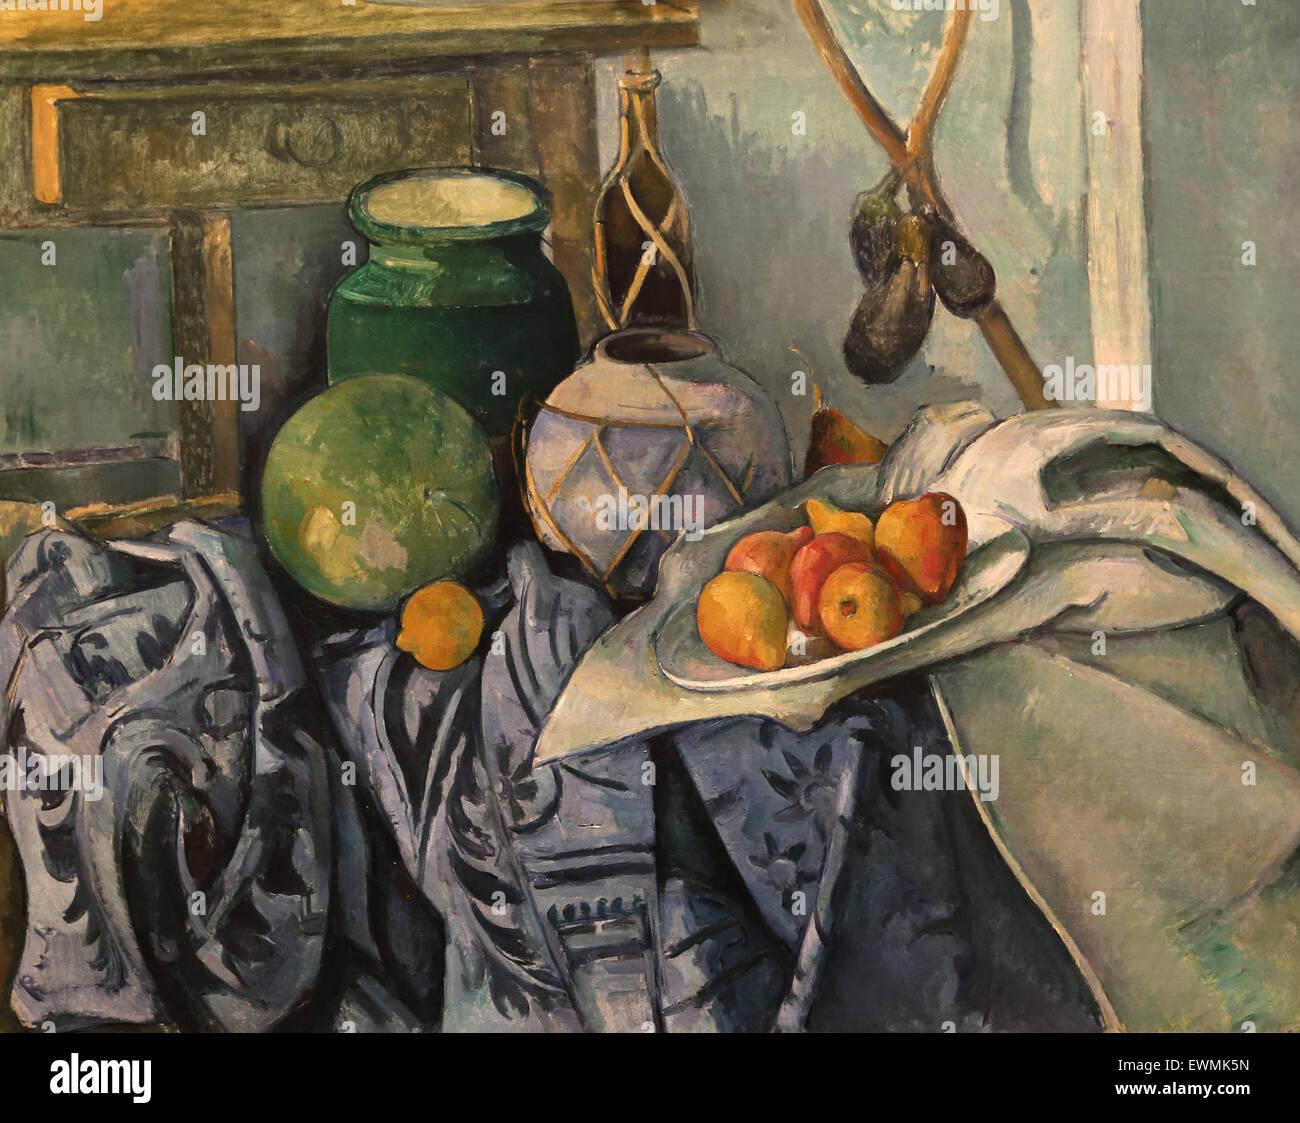 Paul Cezanne (1839-1906). El pintor francés. Bodegón con jarra de jengibre y berenjenas, 1893-94. Óleo Imagen De Stock